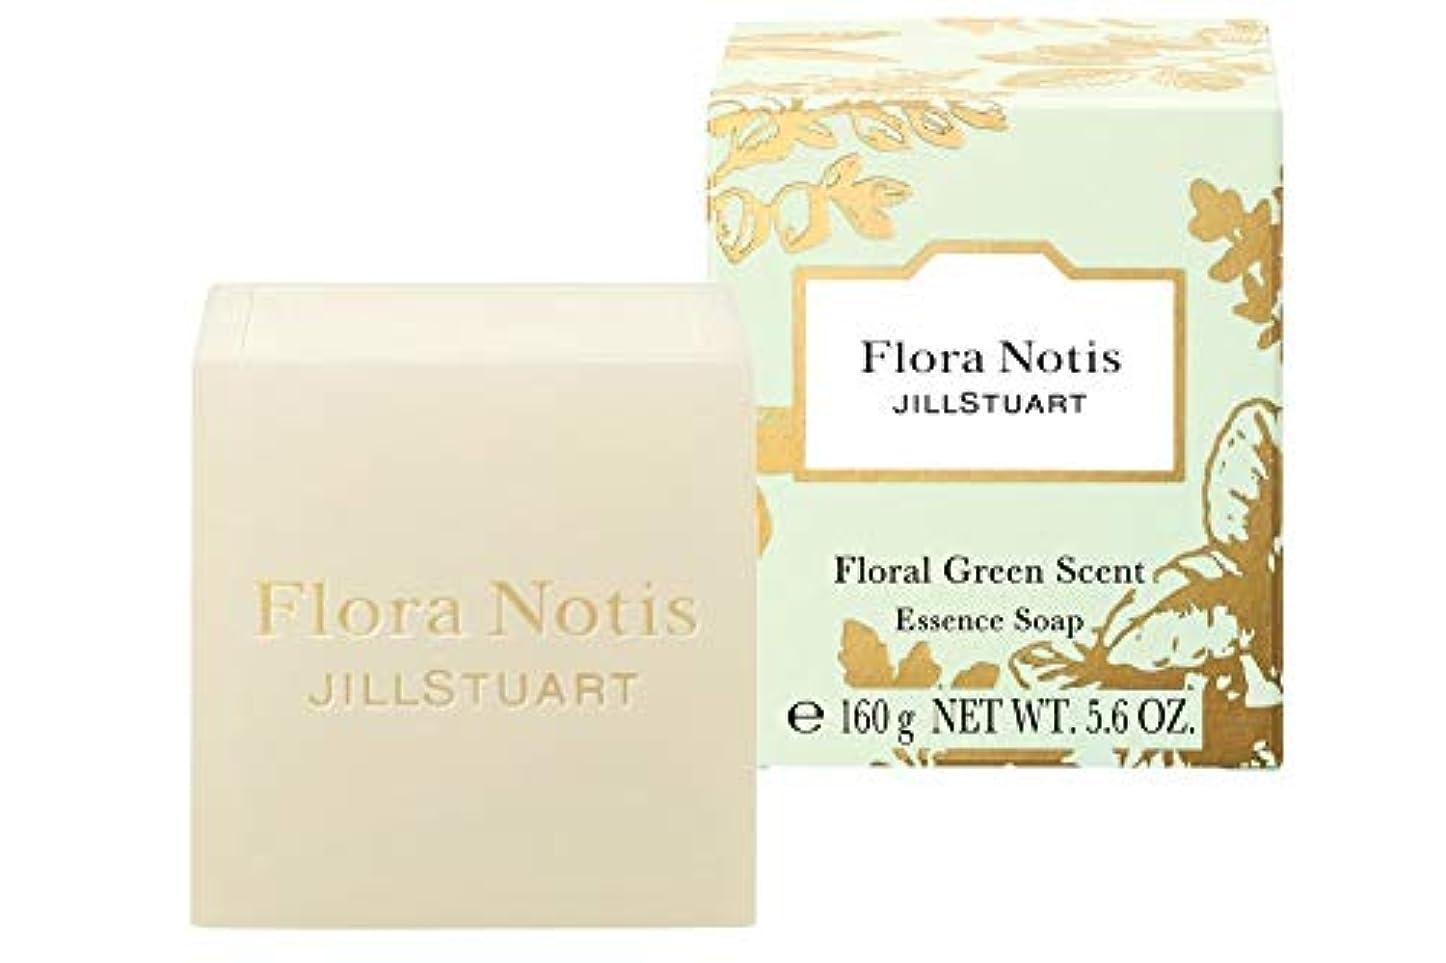 ポテト有料するFlora Notis JILL STUART フローラルグリーン エッセンスソープ